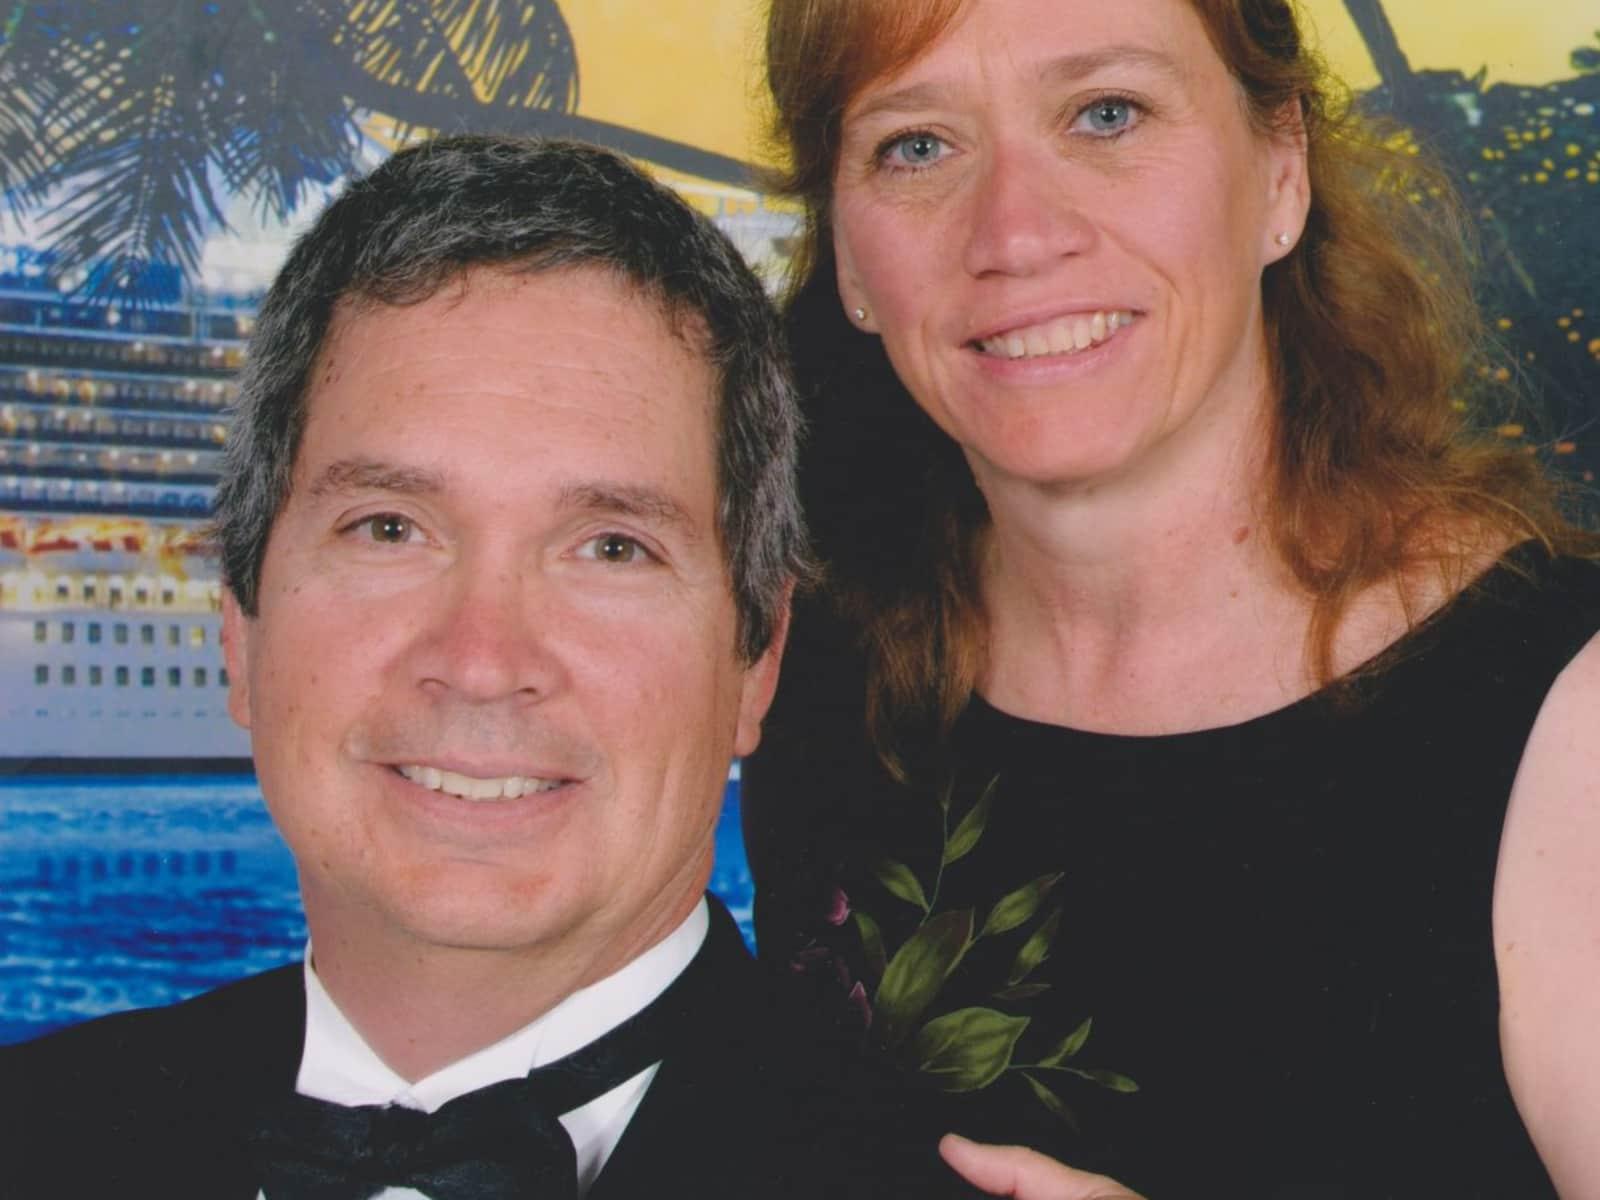 Bert & Sarah from Utopia, Texas, United States